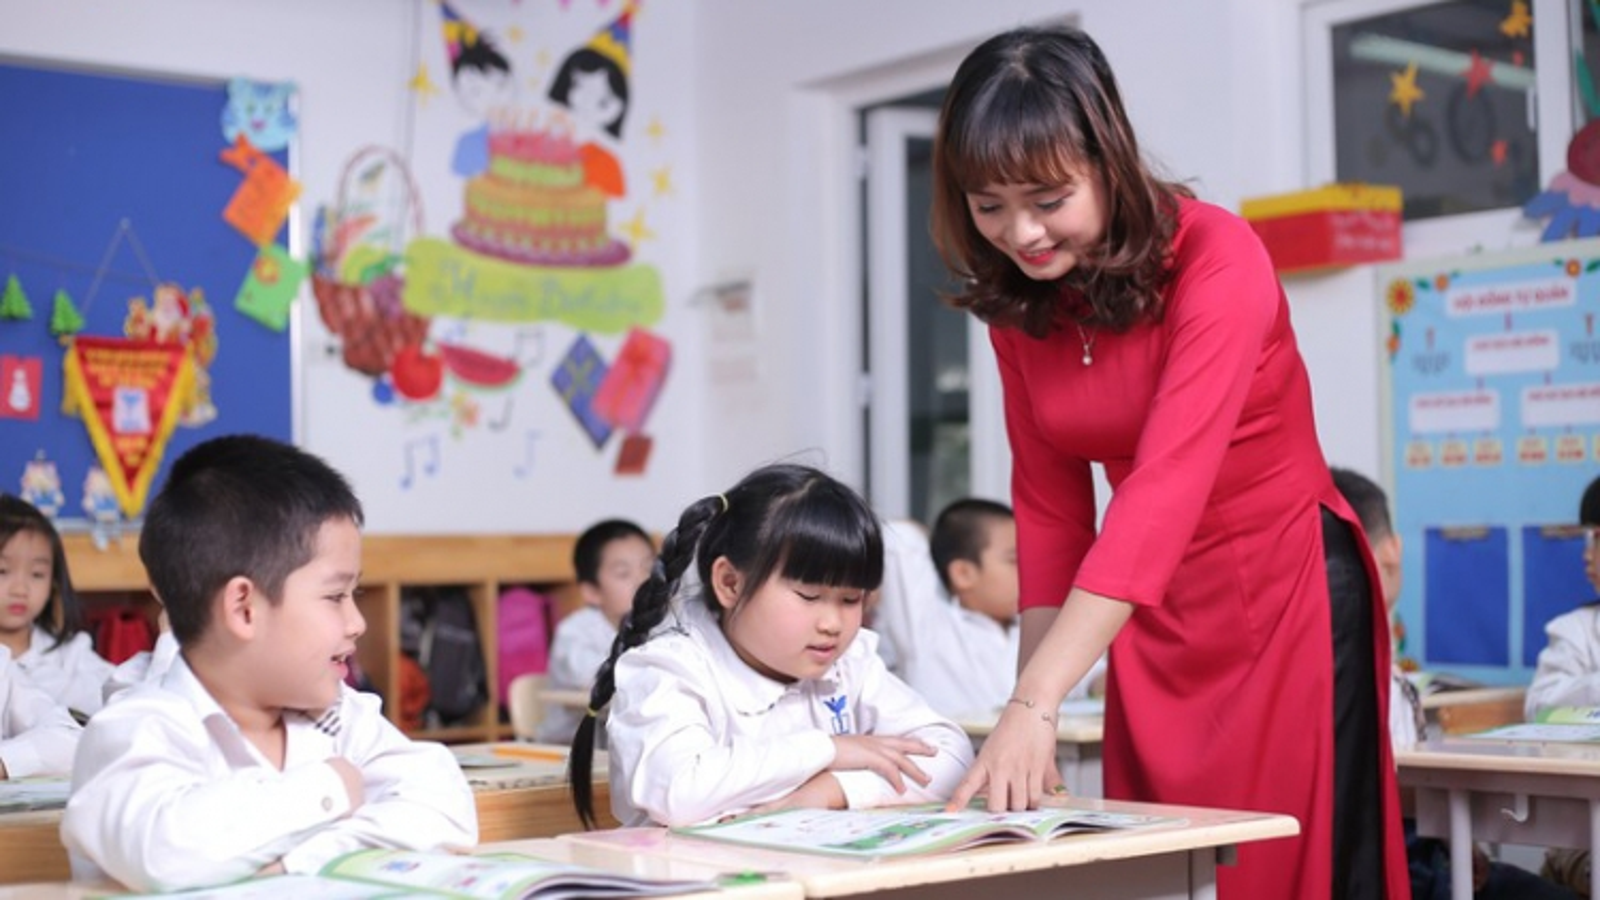 Cần linh hoạt áp dụng hình thức dạy học trong mùa dịch Covid-19